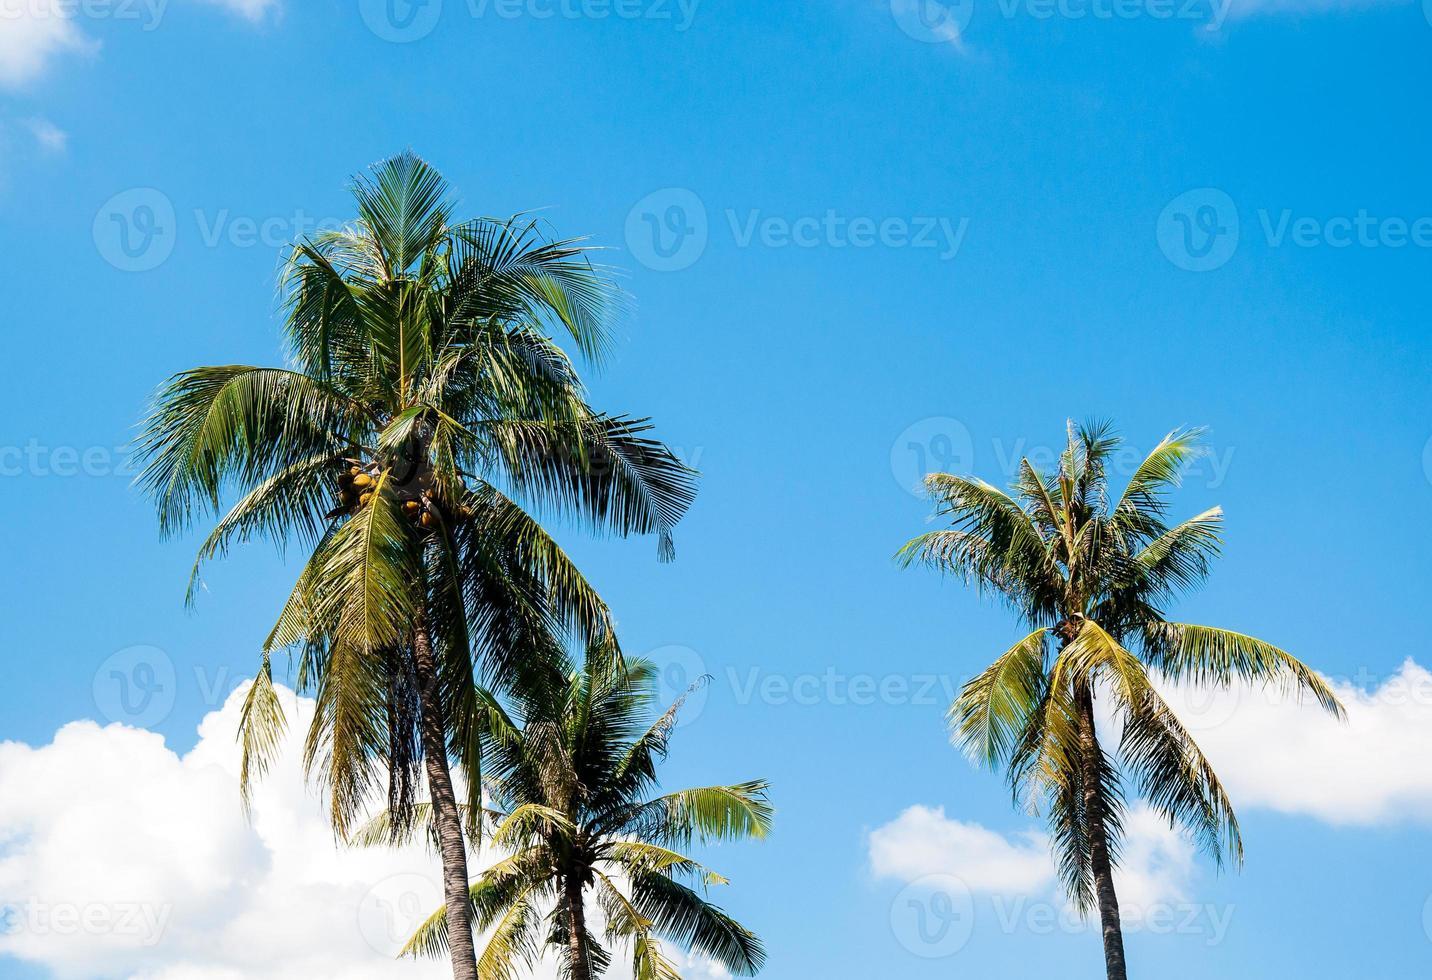 Kokosnussbaum auf blauem Himmel und weißer Wolke foto